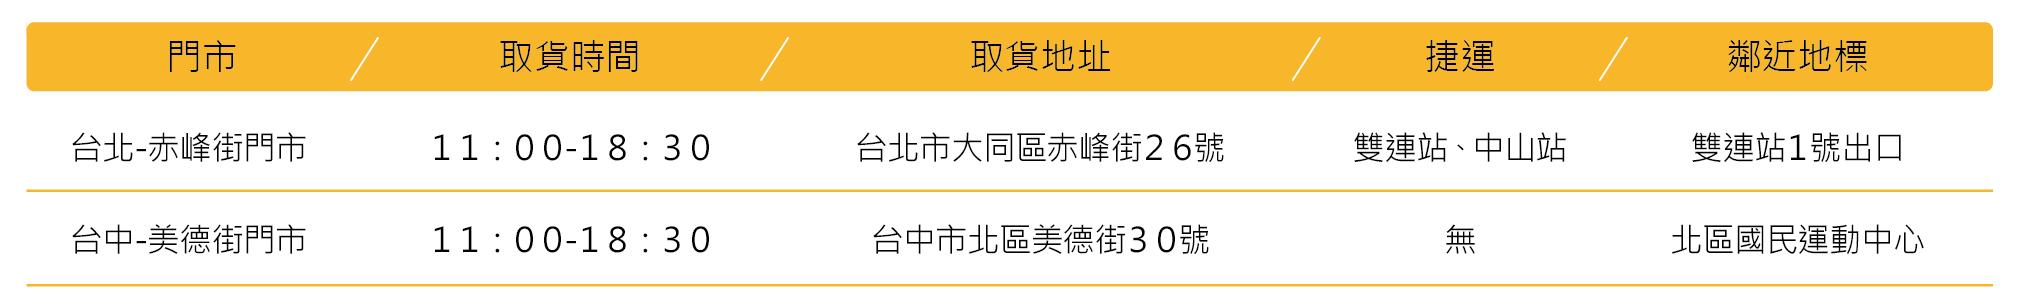 Meler客製化造型蛋糕服務須知 05